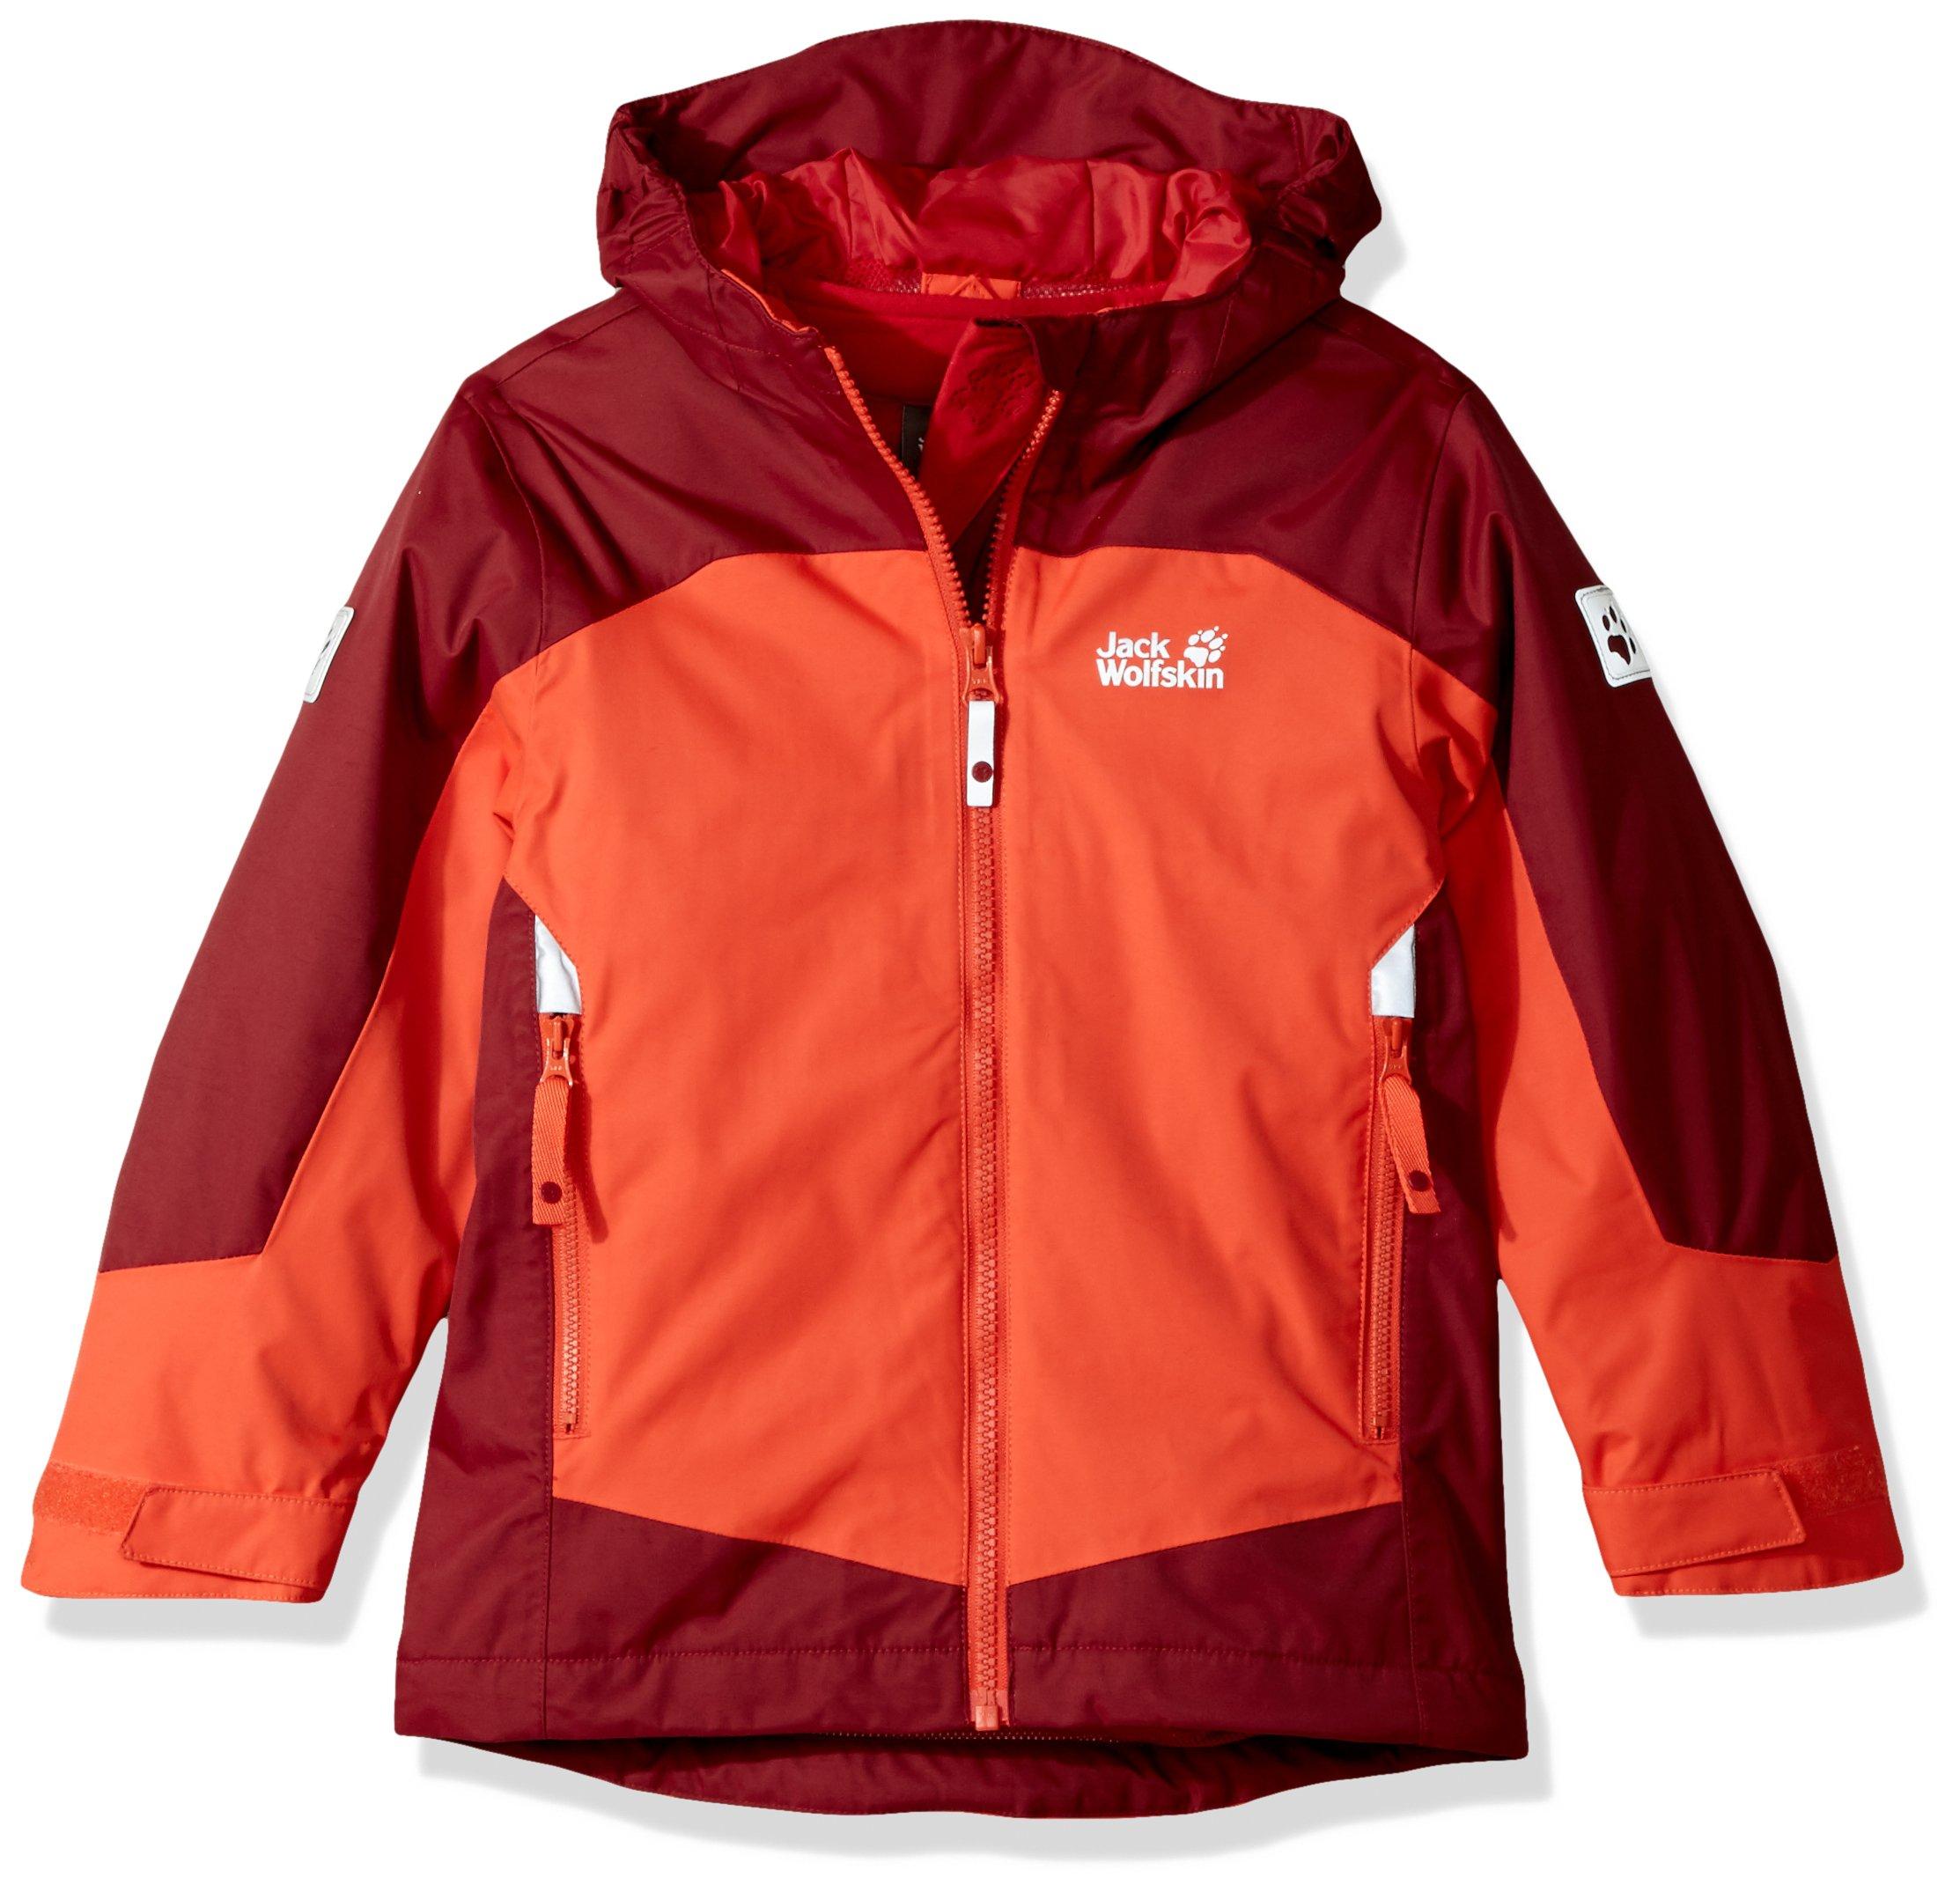 Jack Wolfskin Boy's Akka 3In1 Jacket, Lava Orange, Size 176 (14 Years)